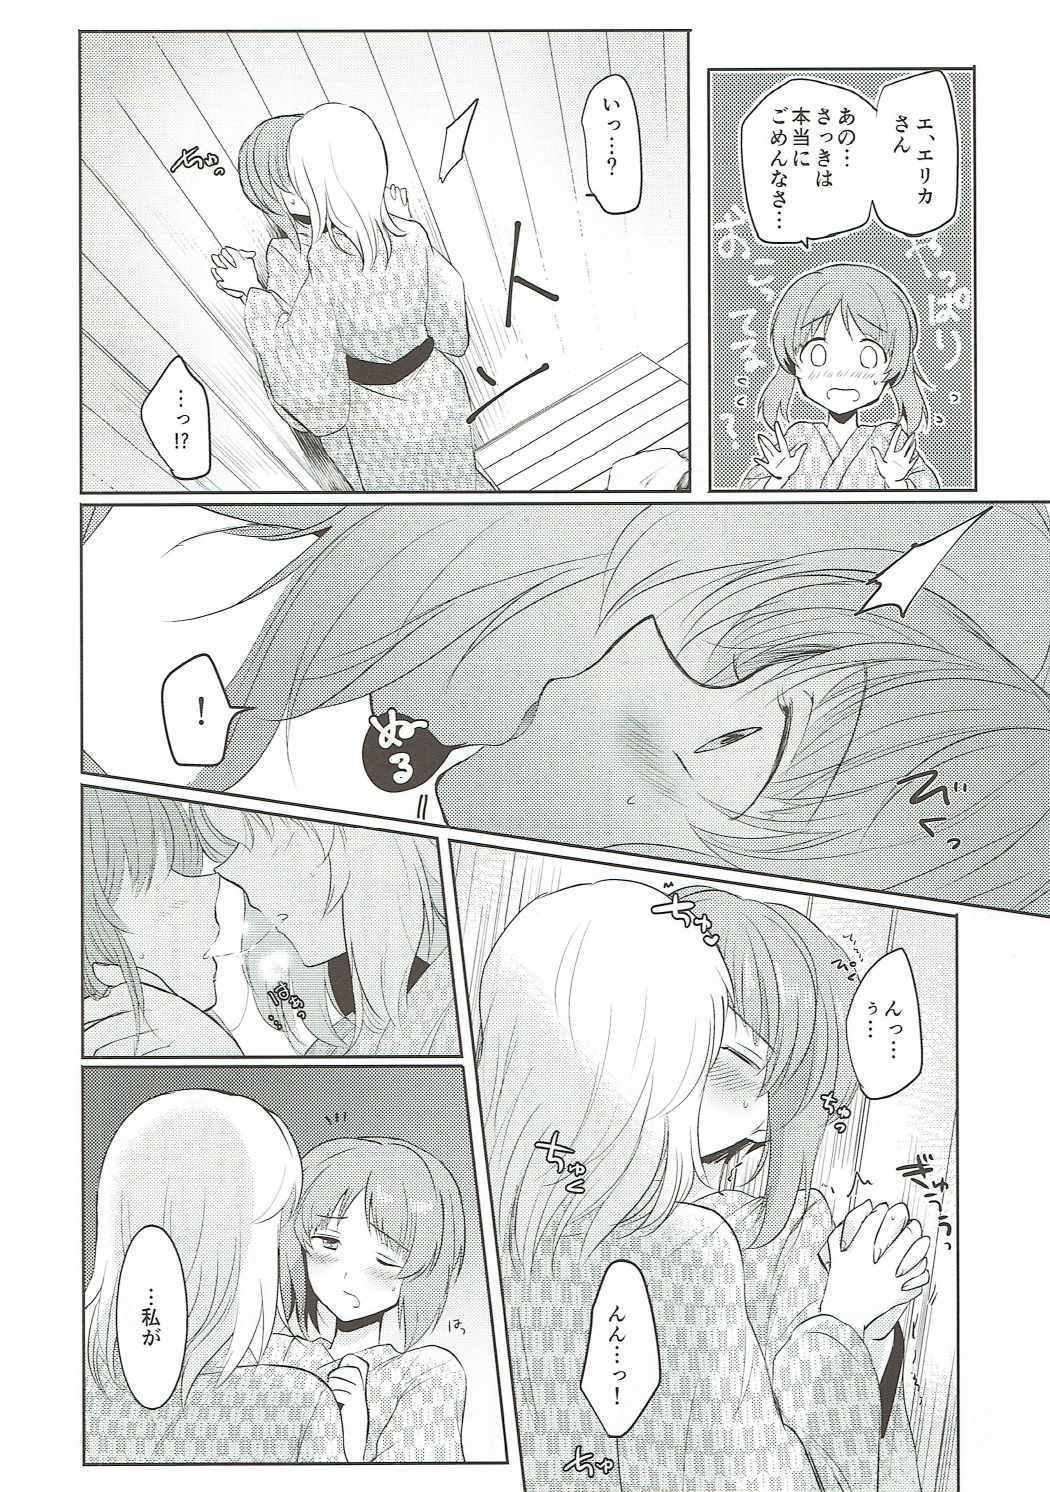 Futarikiri no Natsu 16